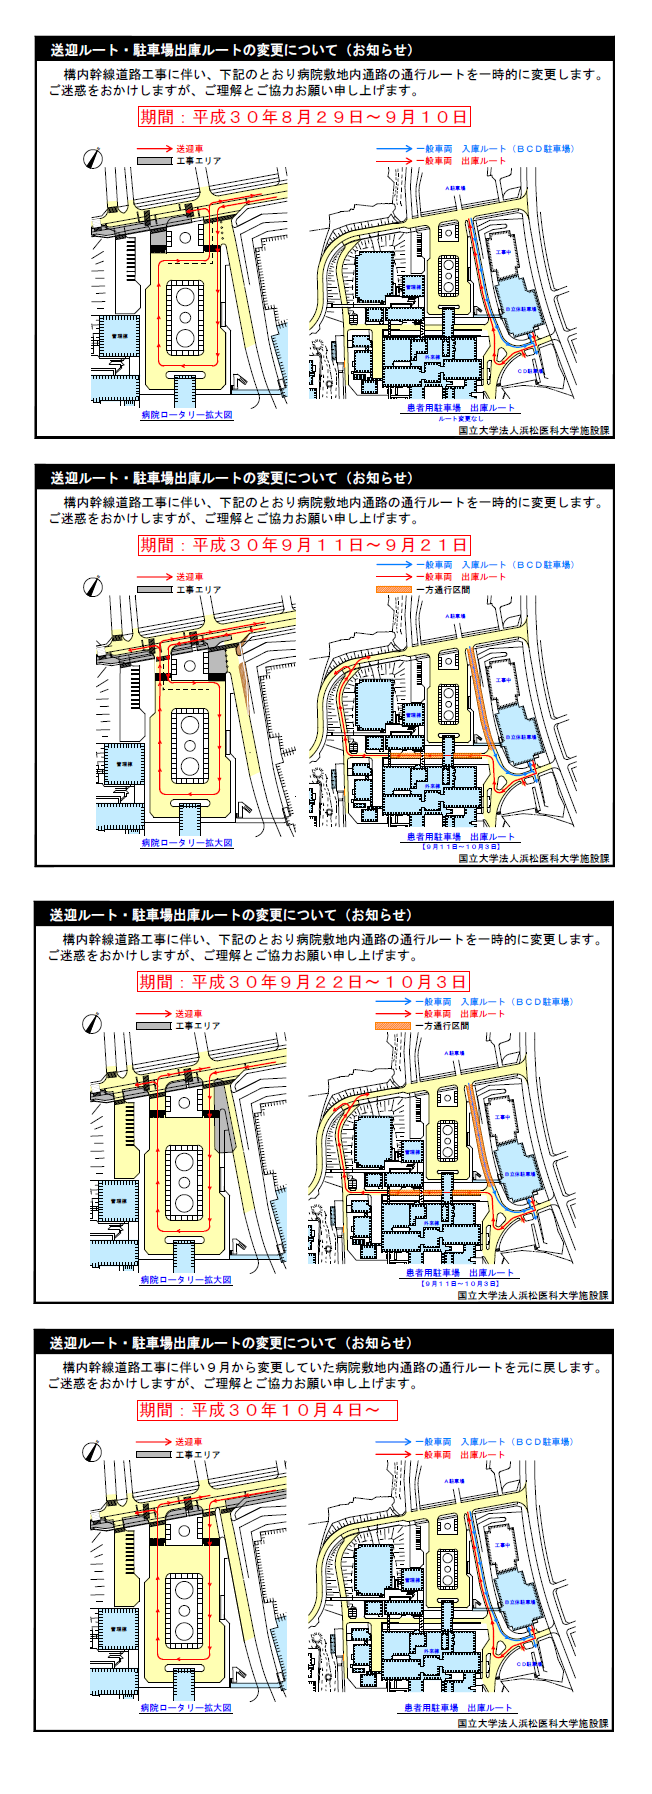 送迎ルート・駐車場出庫ルートの変更について(お知らせ)